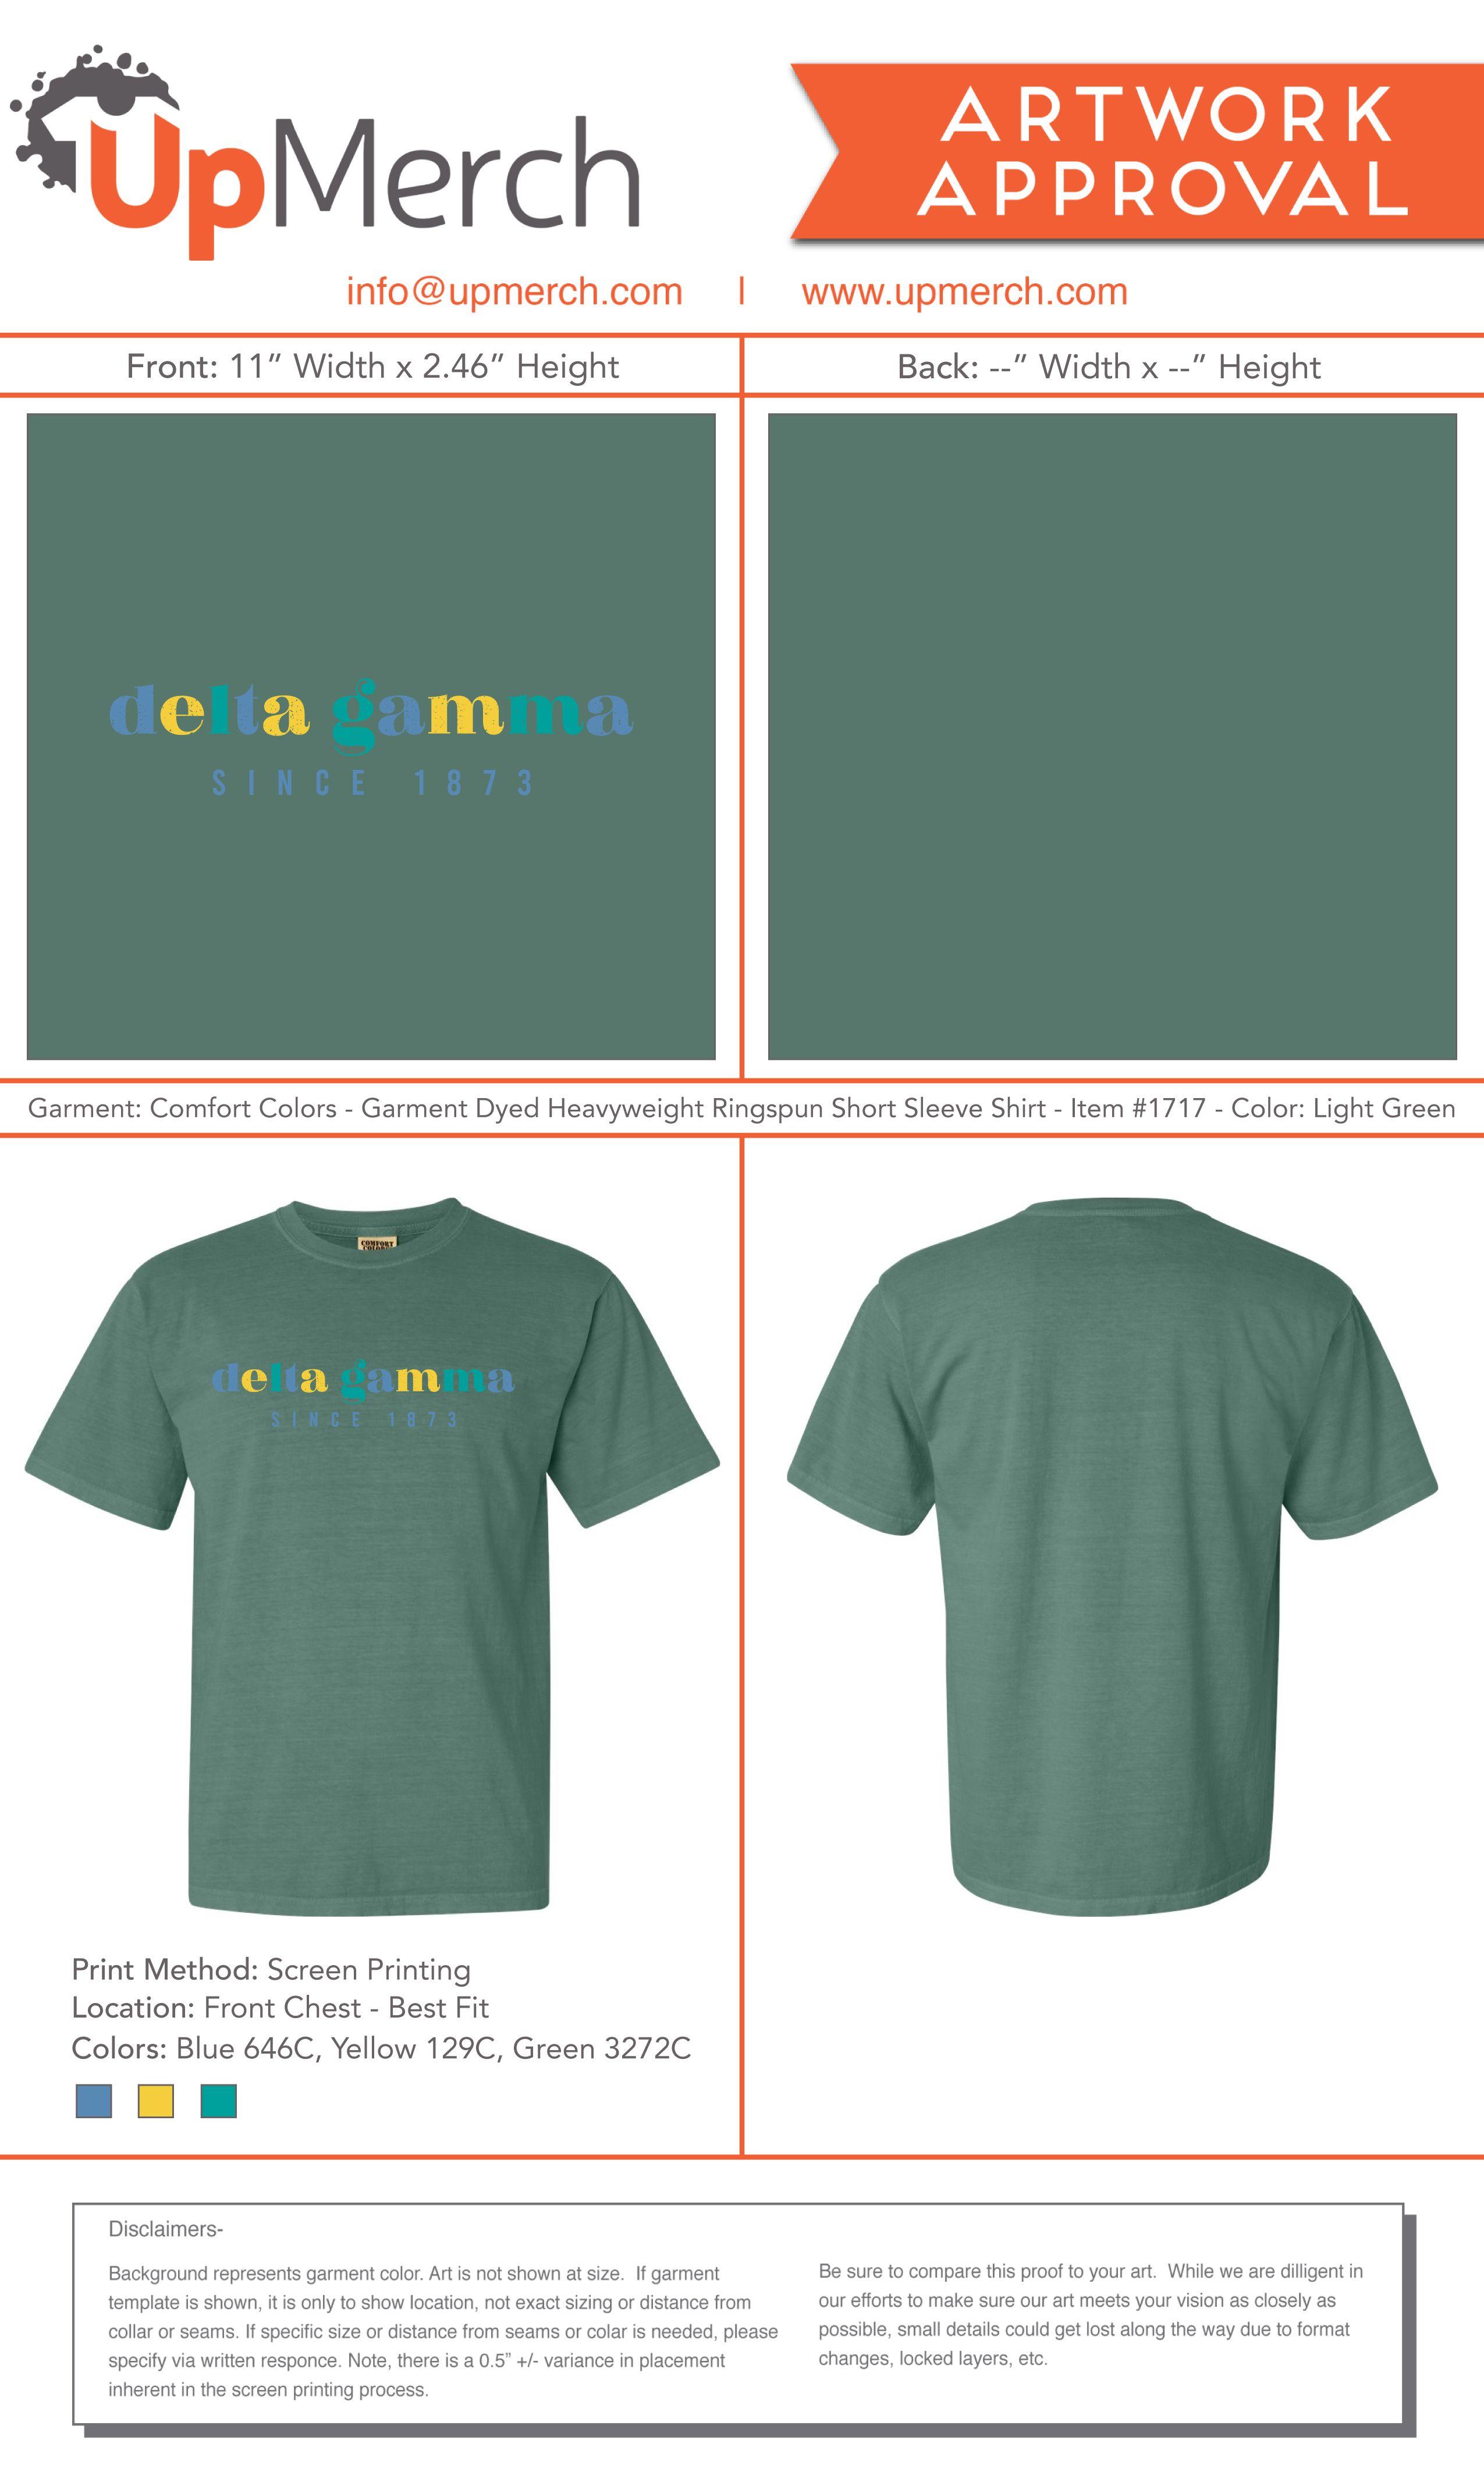 Upmerch Delta Gamma Basic T Shirt Sorority Designs Basic Tshirt Printing Methods